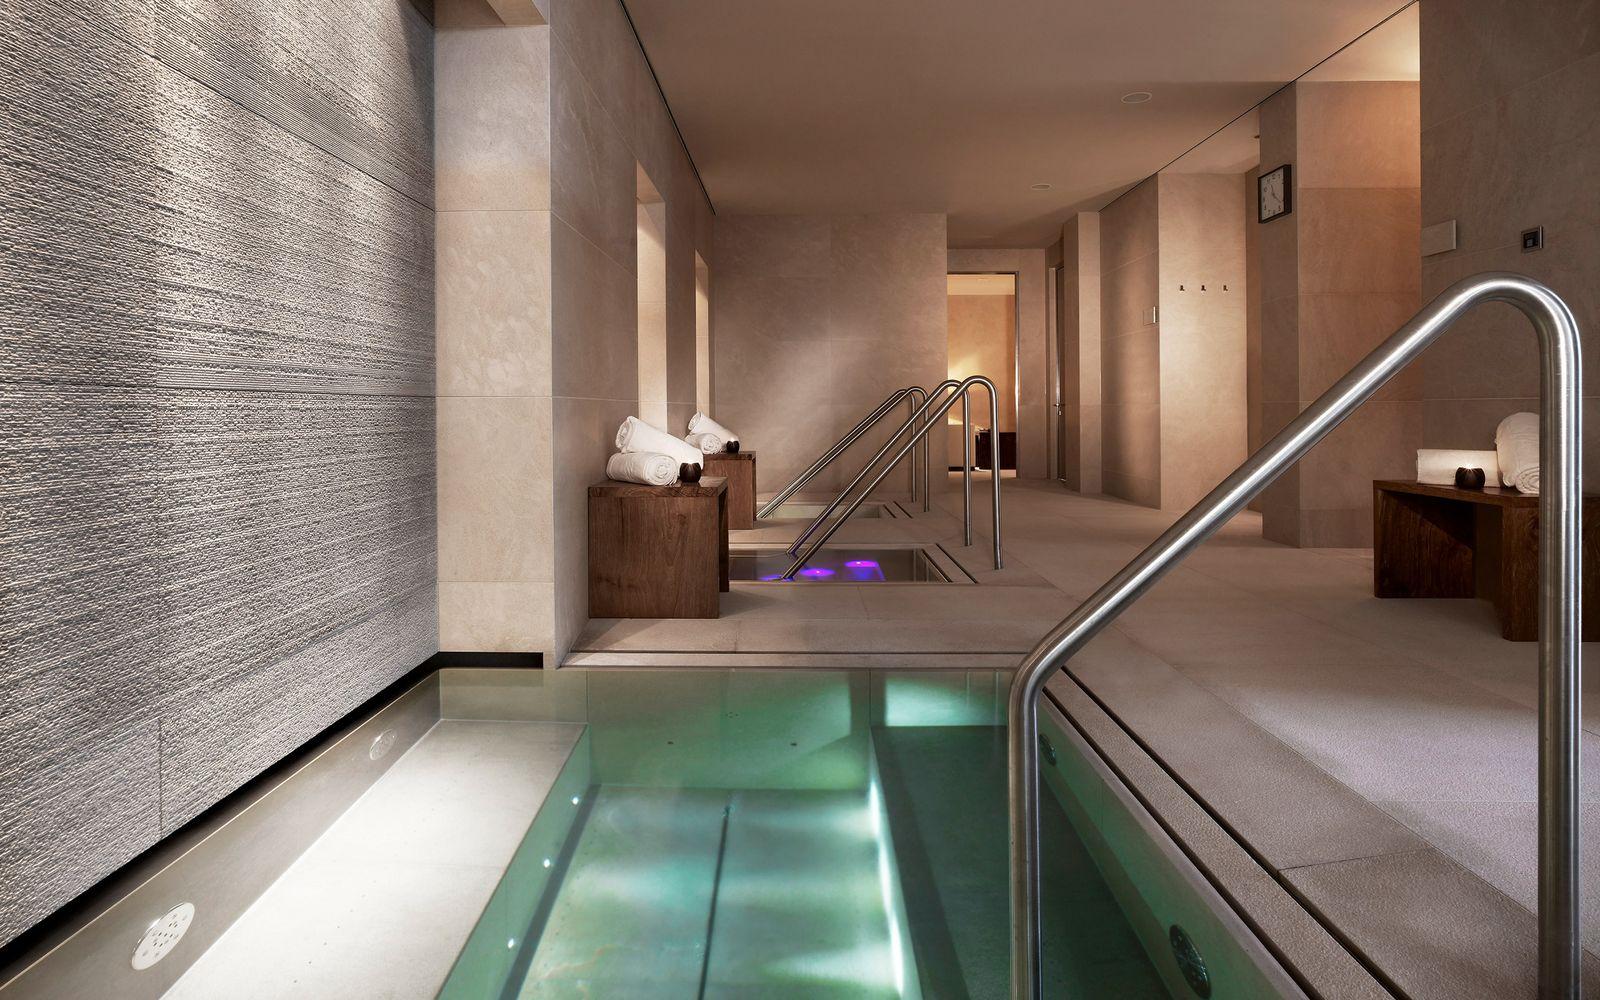 klafs sauny serwis, aquapark strefa spa naprawa